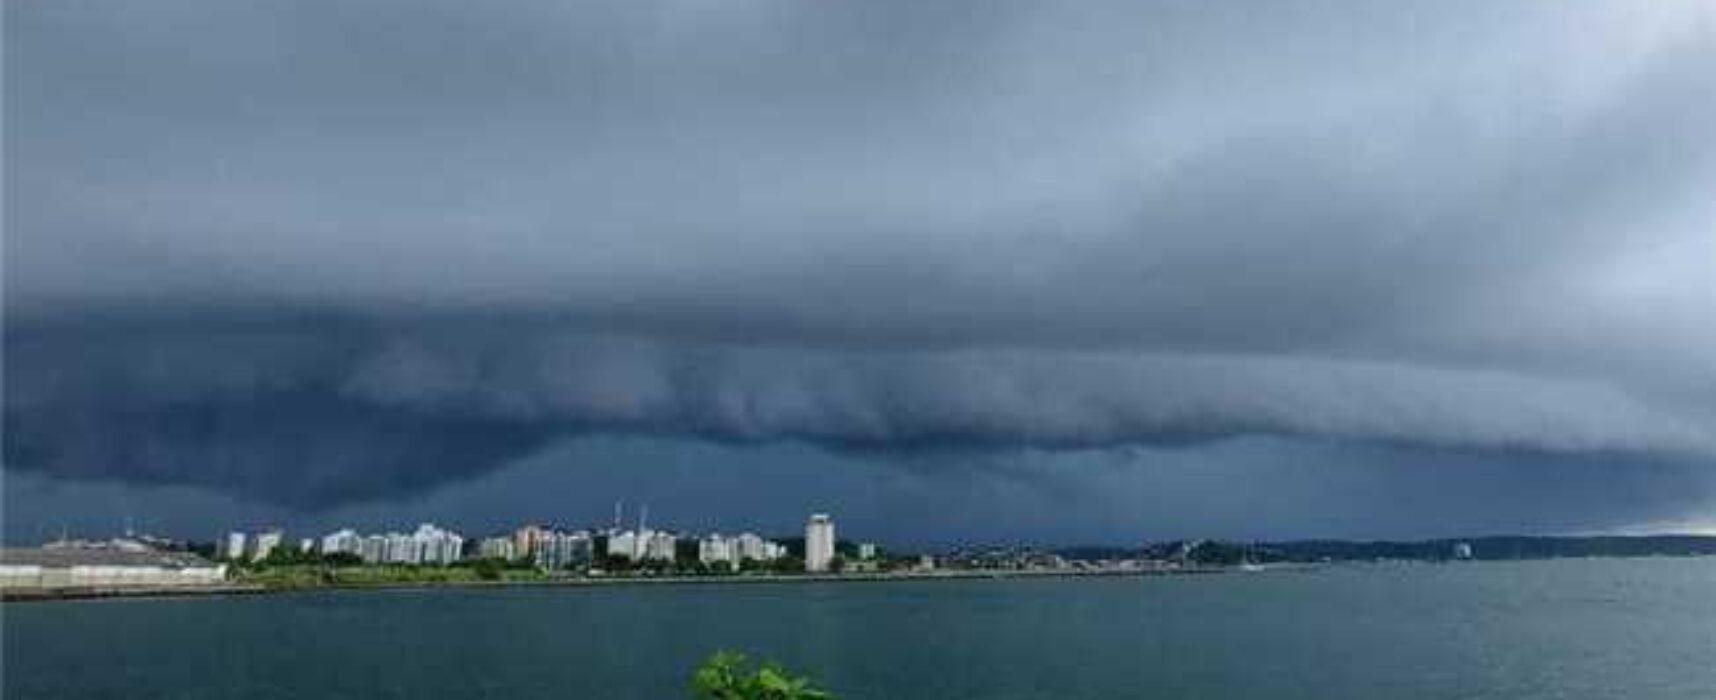 Ilhéus: Defesa civil alerta para alto volume de chuvas até quinta-feira